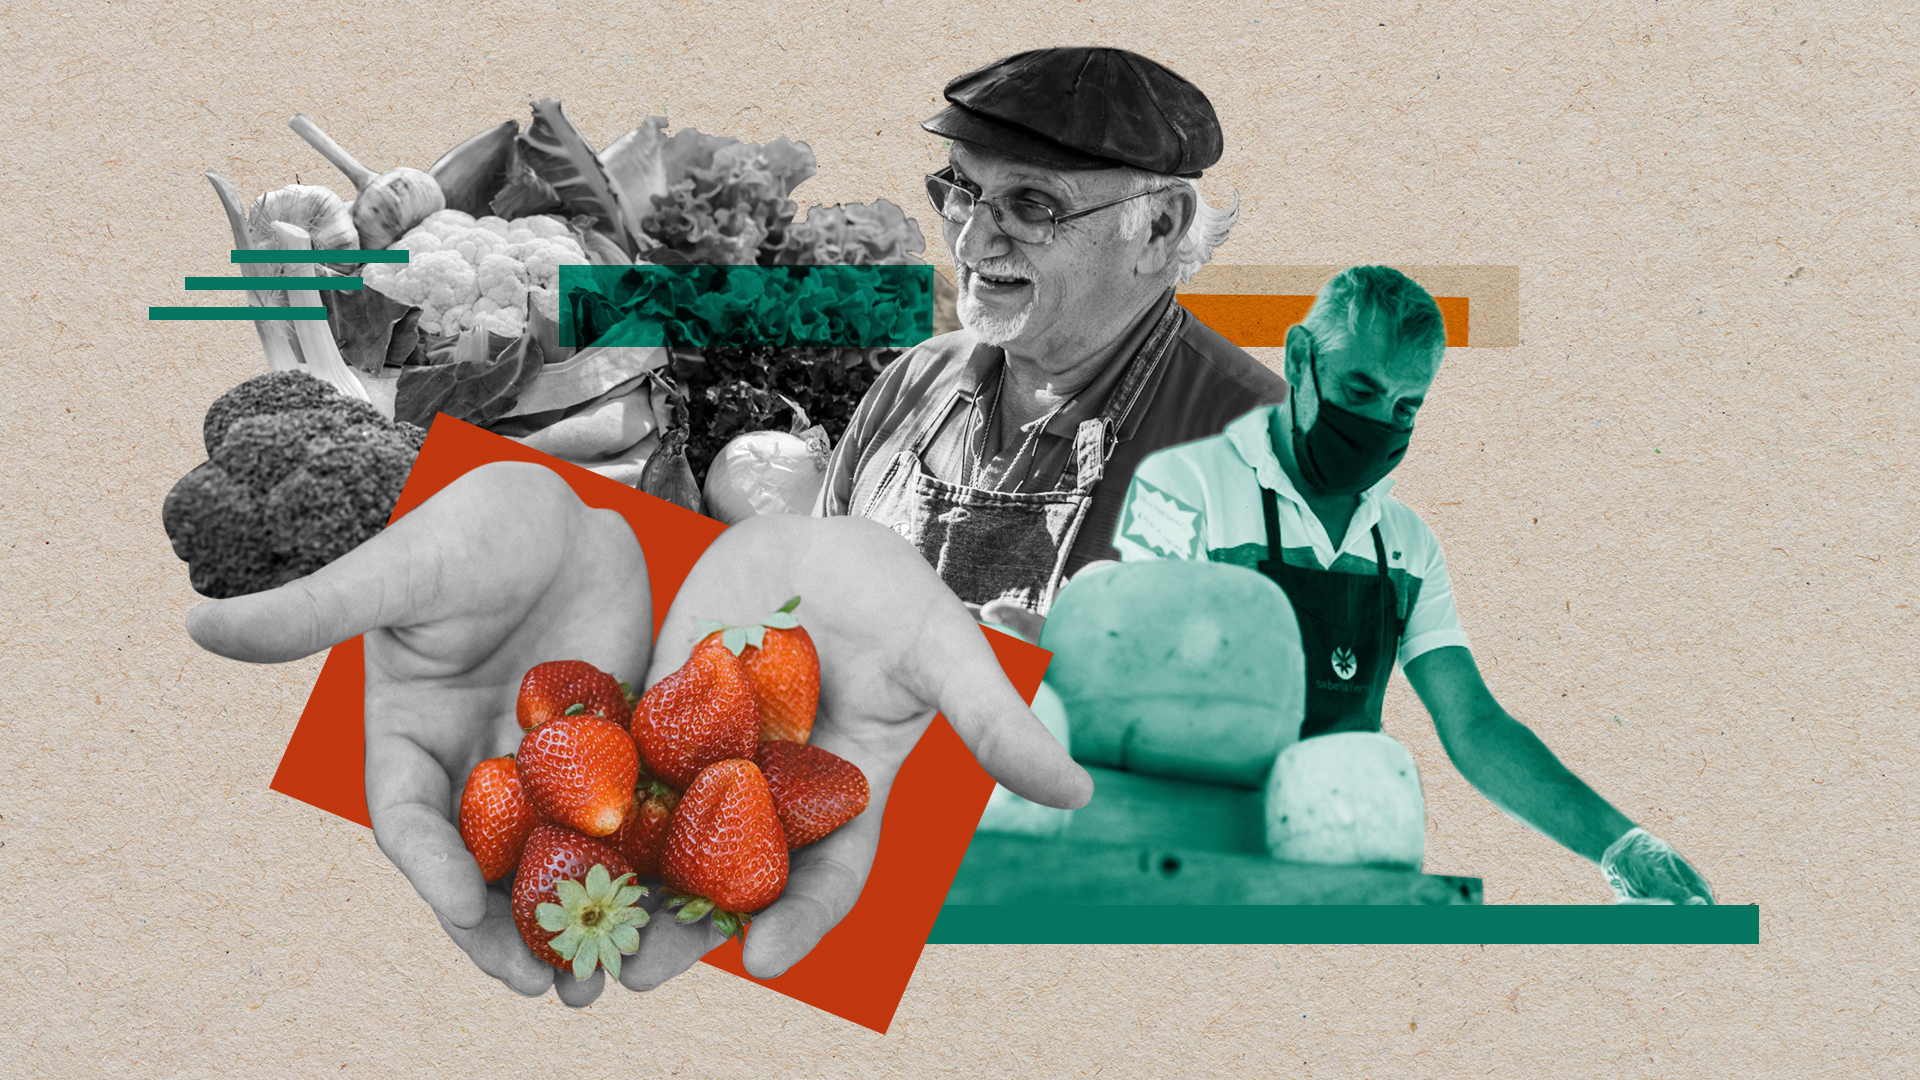 """Angie Ferrazzini: """"Para alcanzar una vida más en consonancia con la naturaleza y con las personas tenemos que cuidar nuestra tierra y los alimentos"""""""